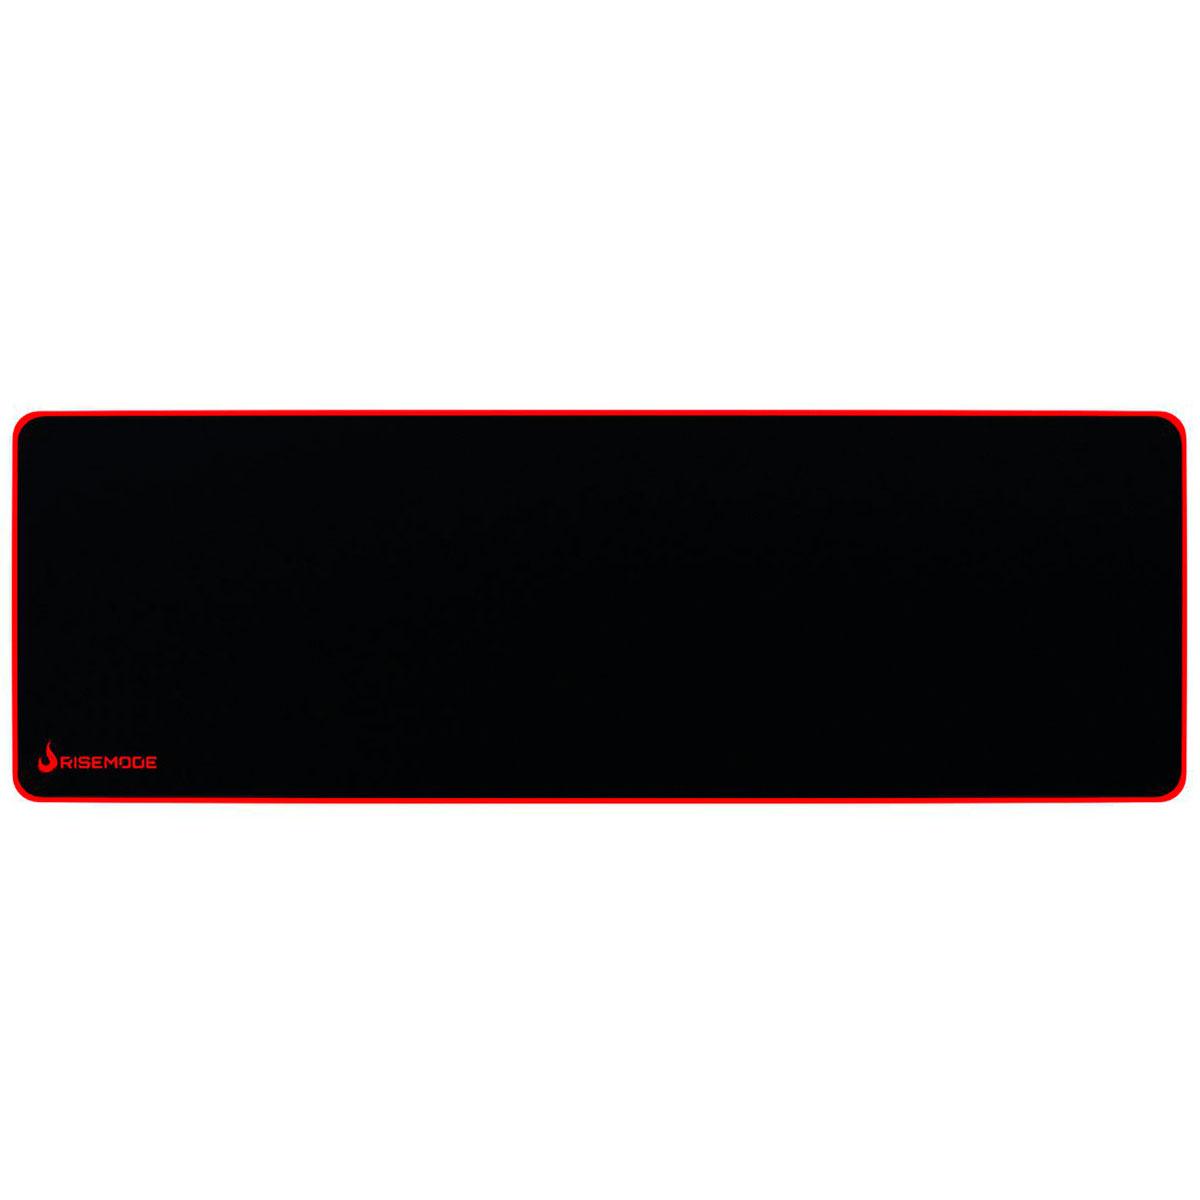 Mouse Pad Gamer Rise Mode Zero Costura Vermelha - Extendido RG-MP-06-ZR